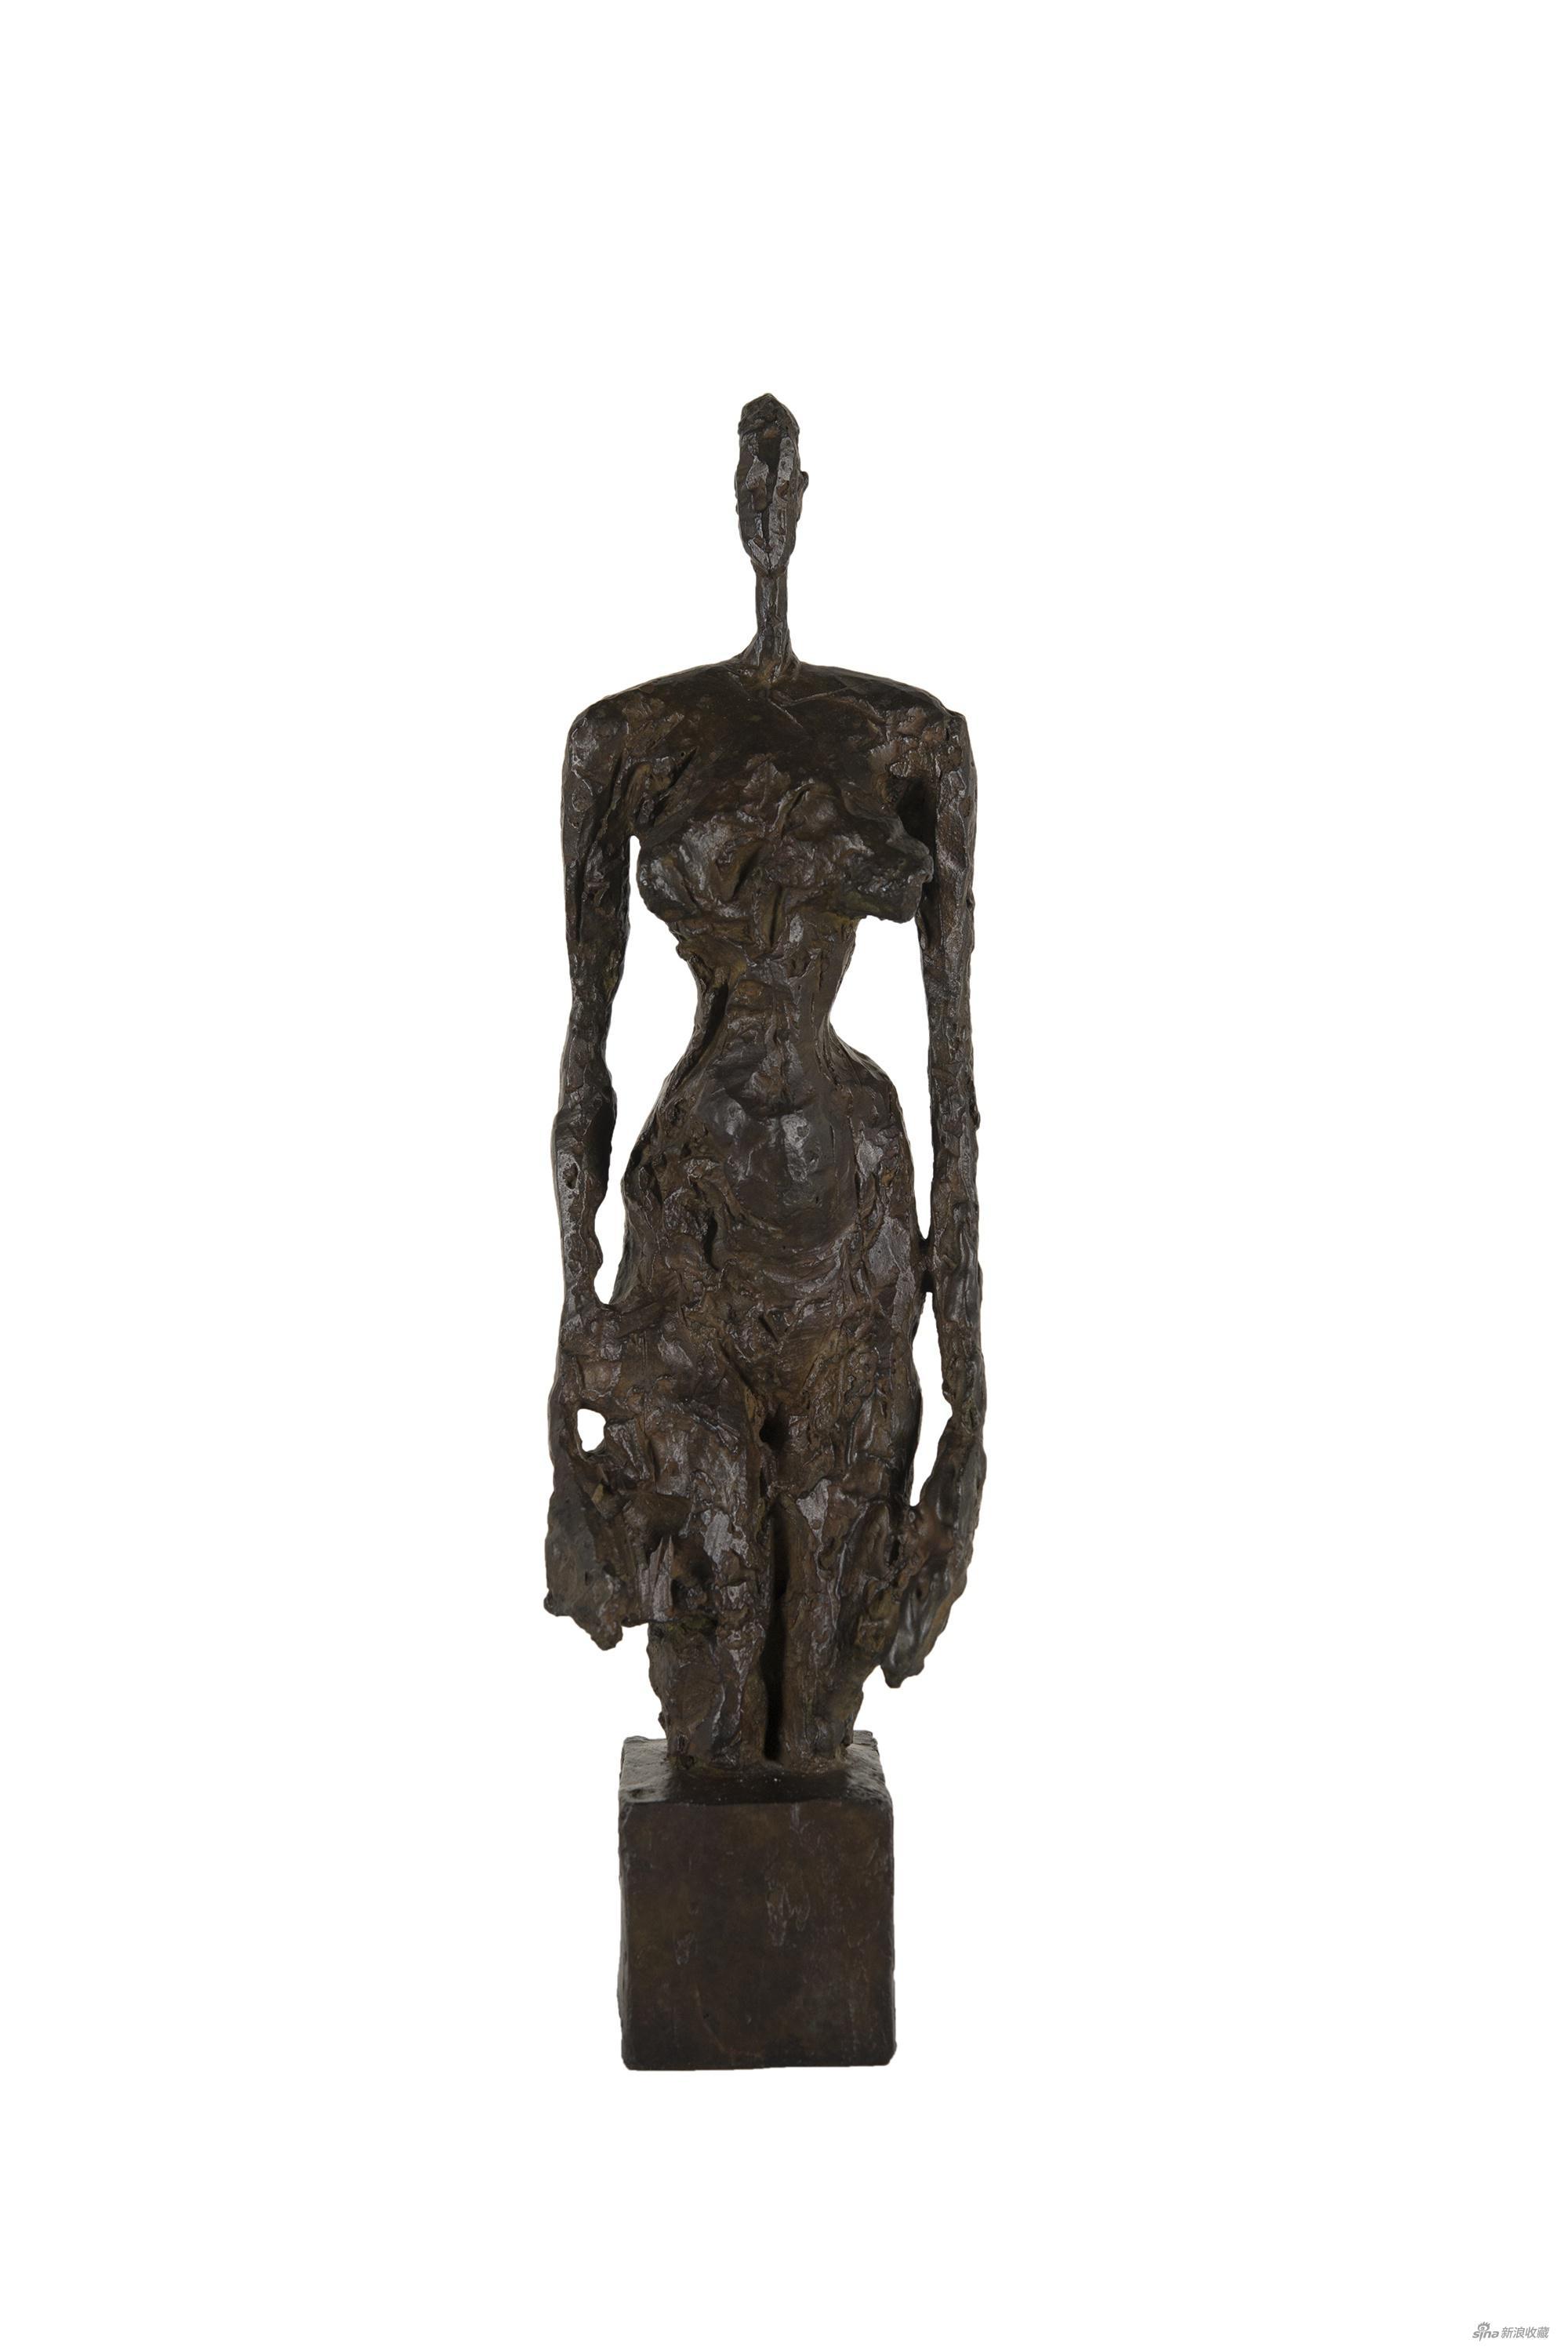 立方底座上站立的裸女阿尔贝托·贾科梅蒂青铜雕塑,42.6×10.8×10.5cm,1953年